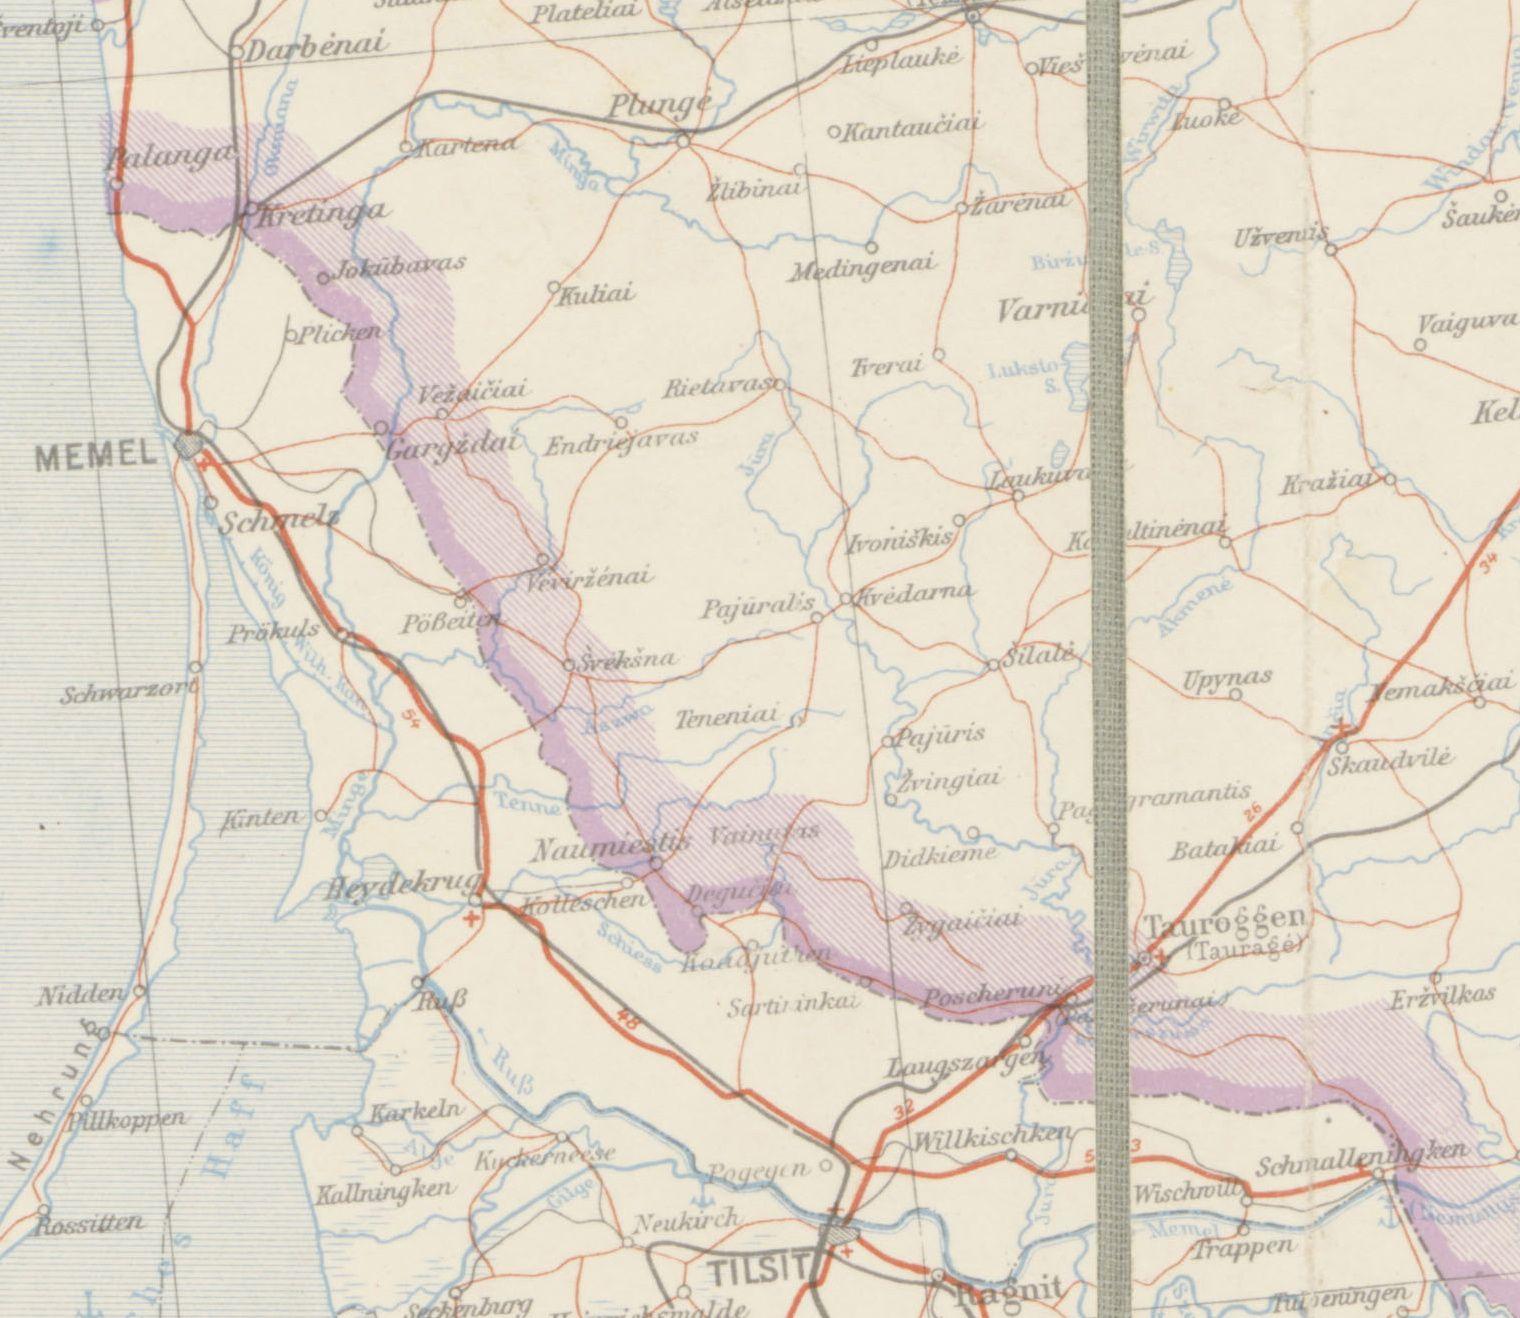 universiteto strategijos žemėlapis